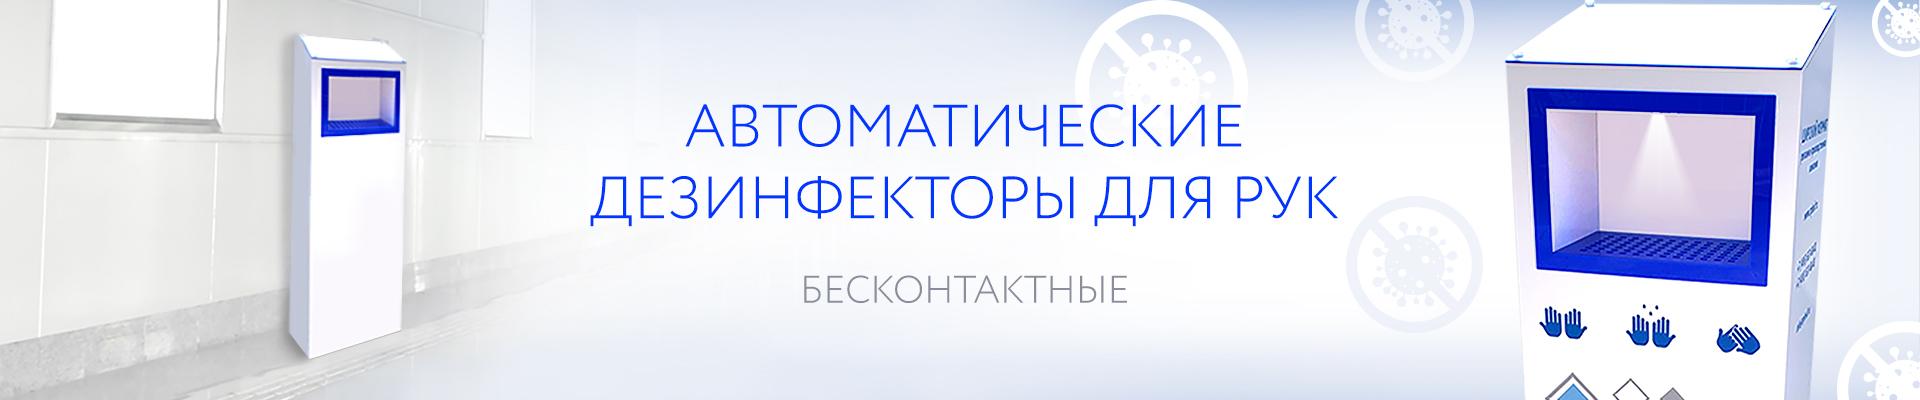 Купить дезинфекторы для рук в Москве и Мытищи